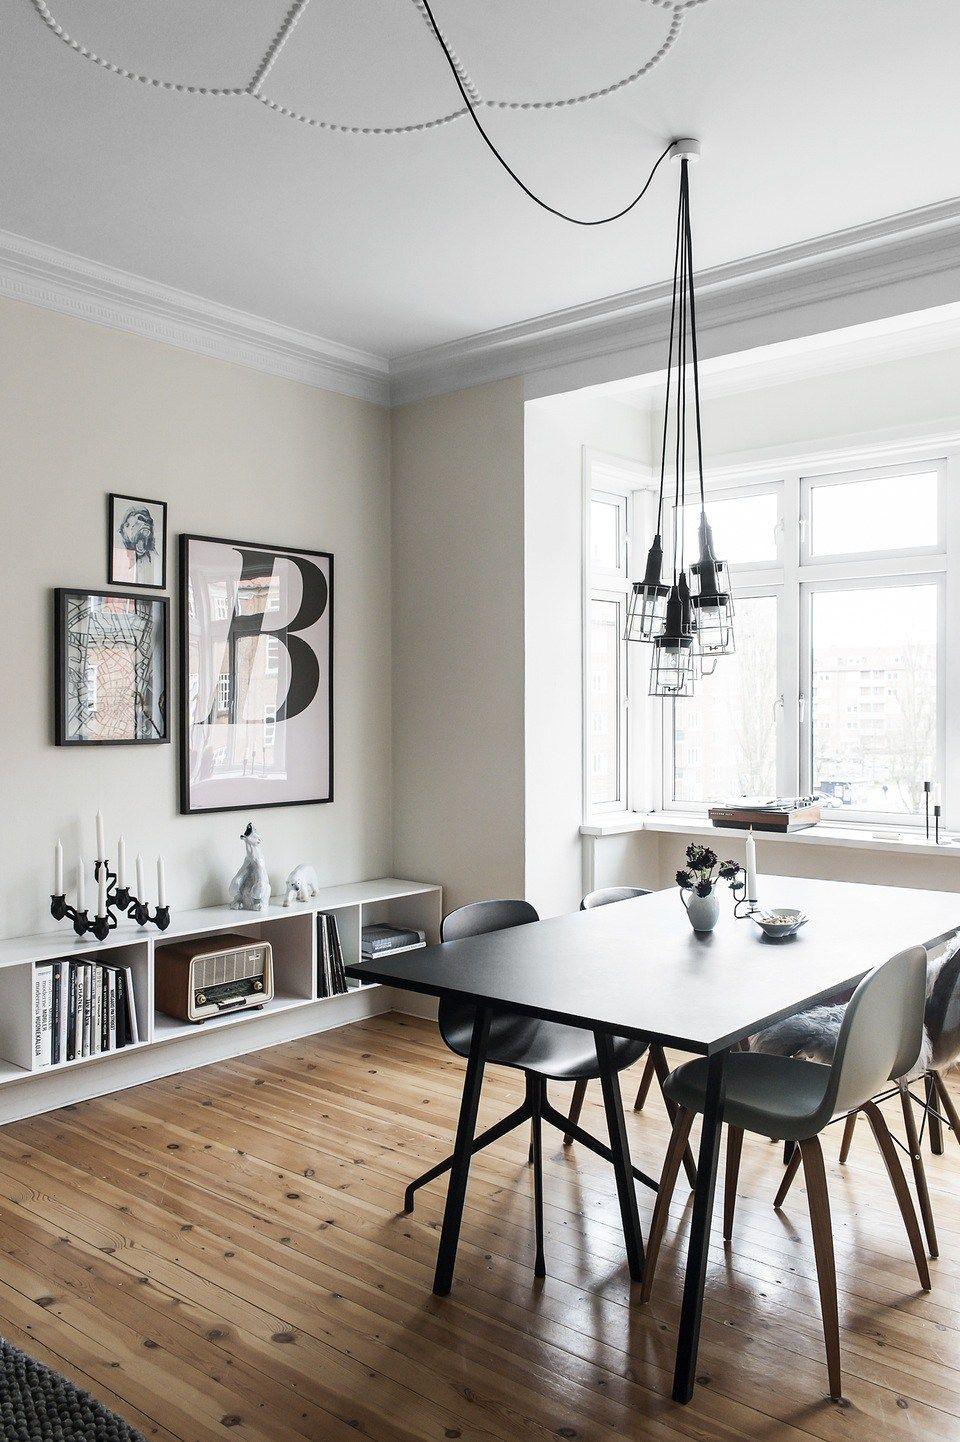 Increible piso de estudiantes en Aarhus, Dinamarca | Pinterest